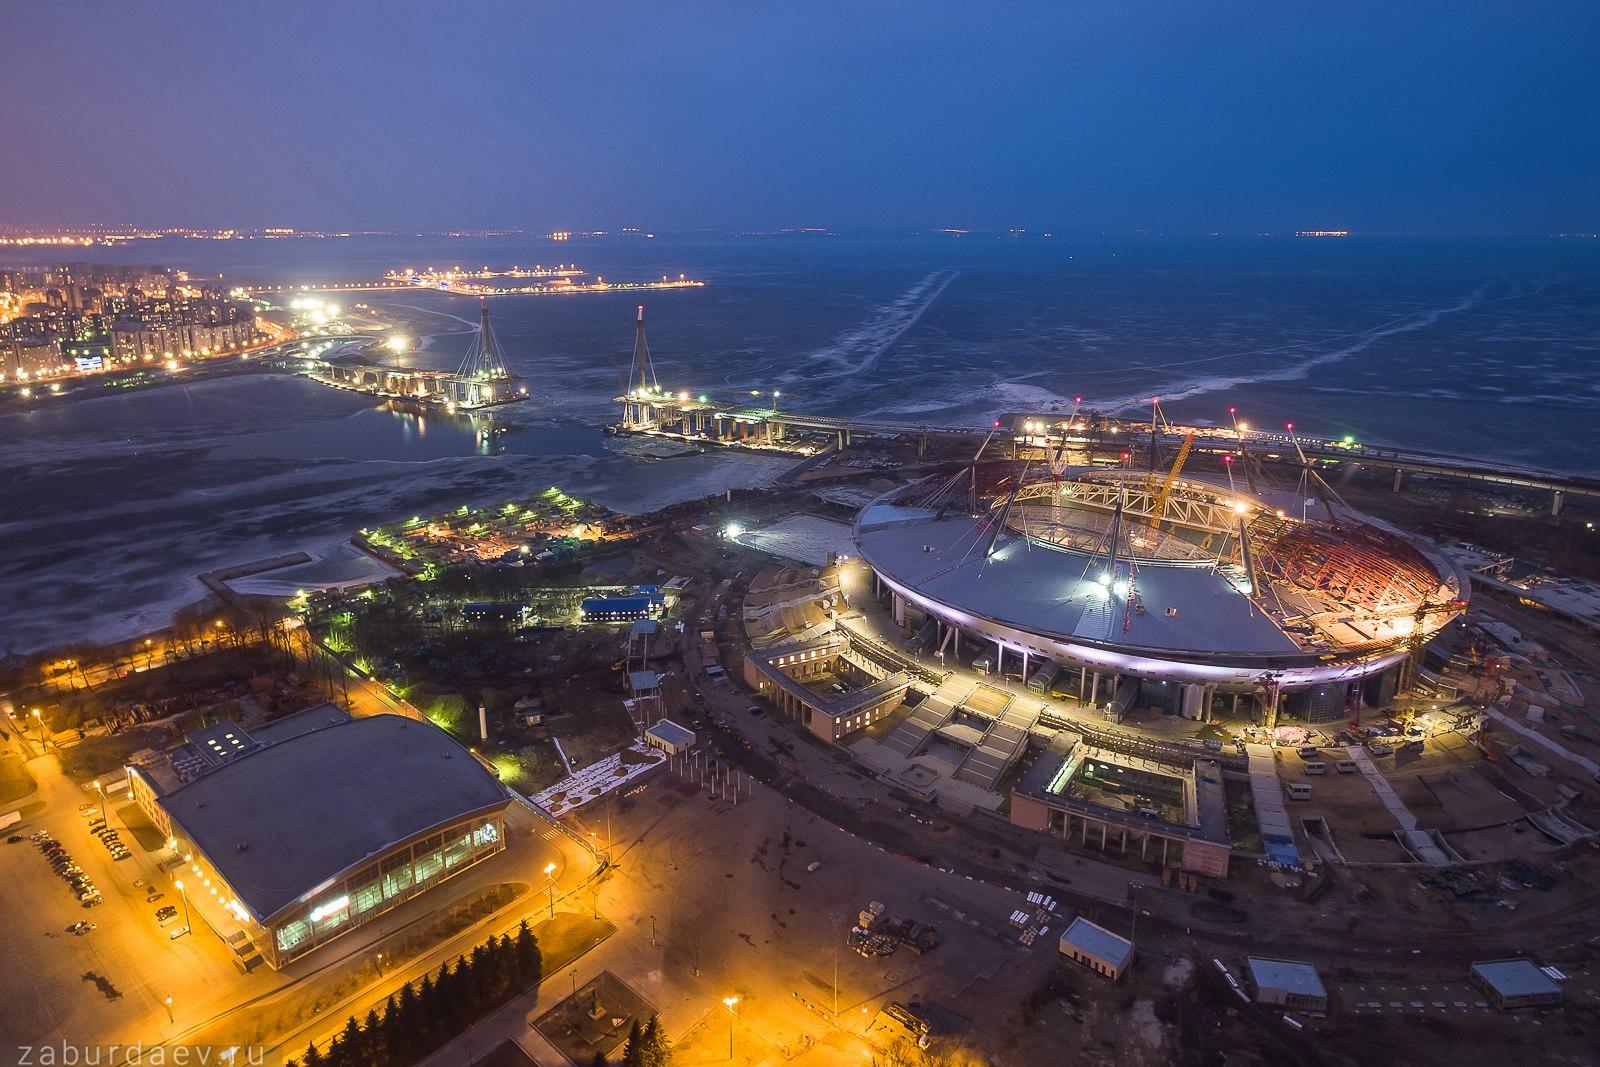 «Инжтрансстрой-СПб»: отчёт за март. На стадионе завершены самые сложные работы